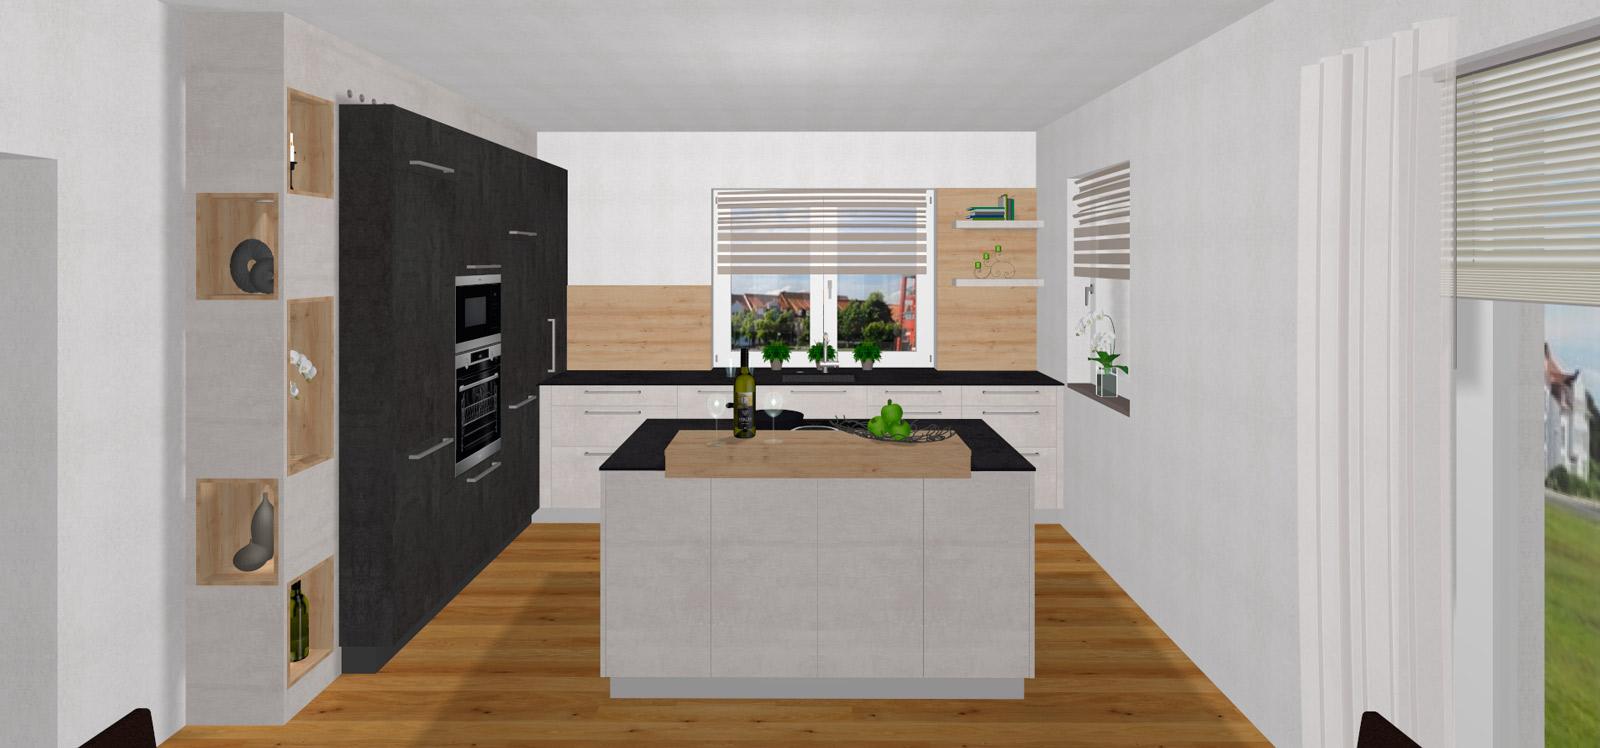 Full Size of Freistehende Küchen Freistehender Mlleimer Kche Waschmaschine In Regal Küche Wohnzimmer Freistehende Küchen